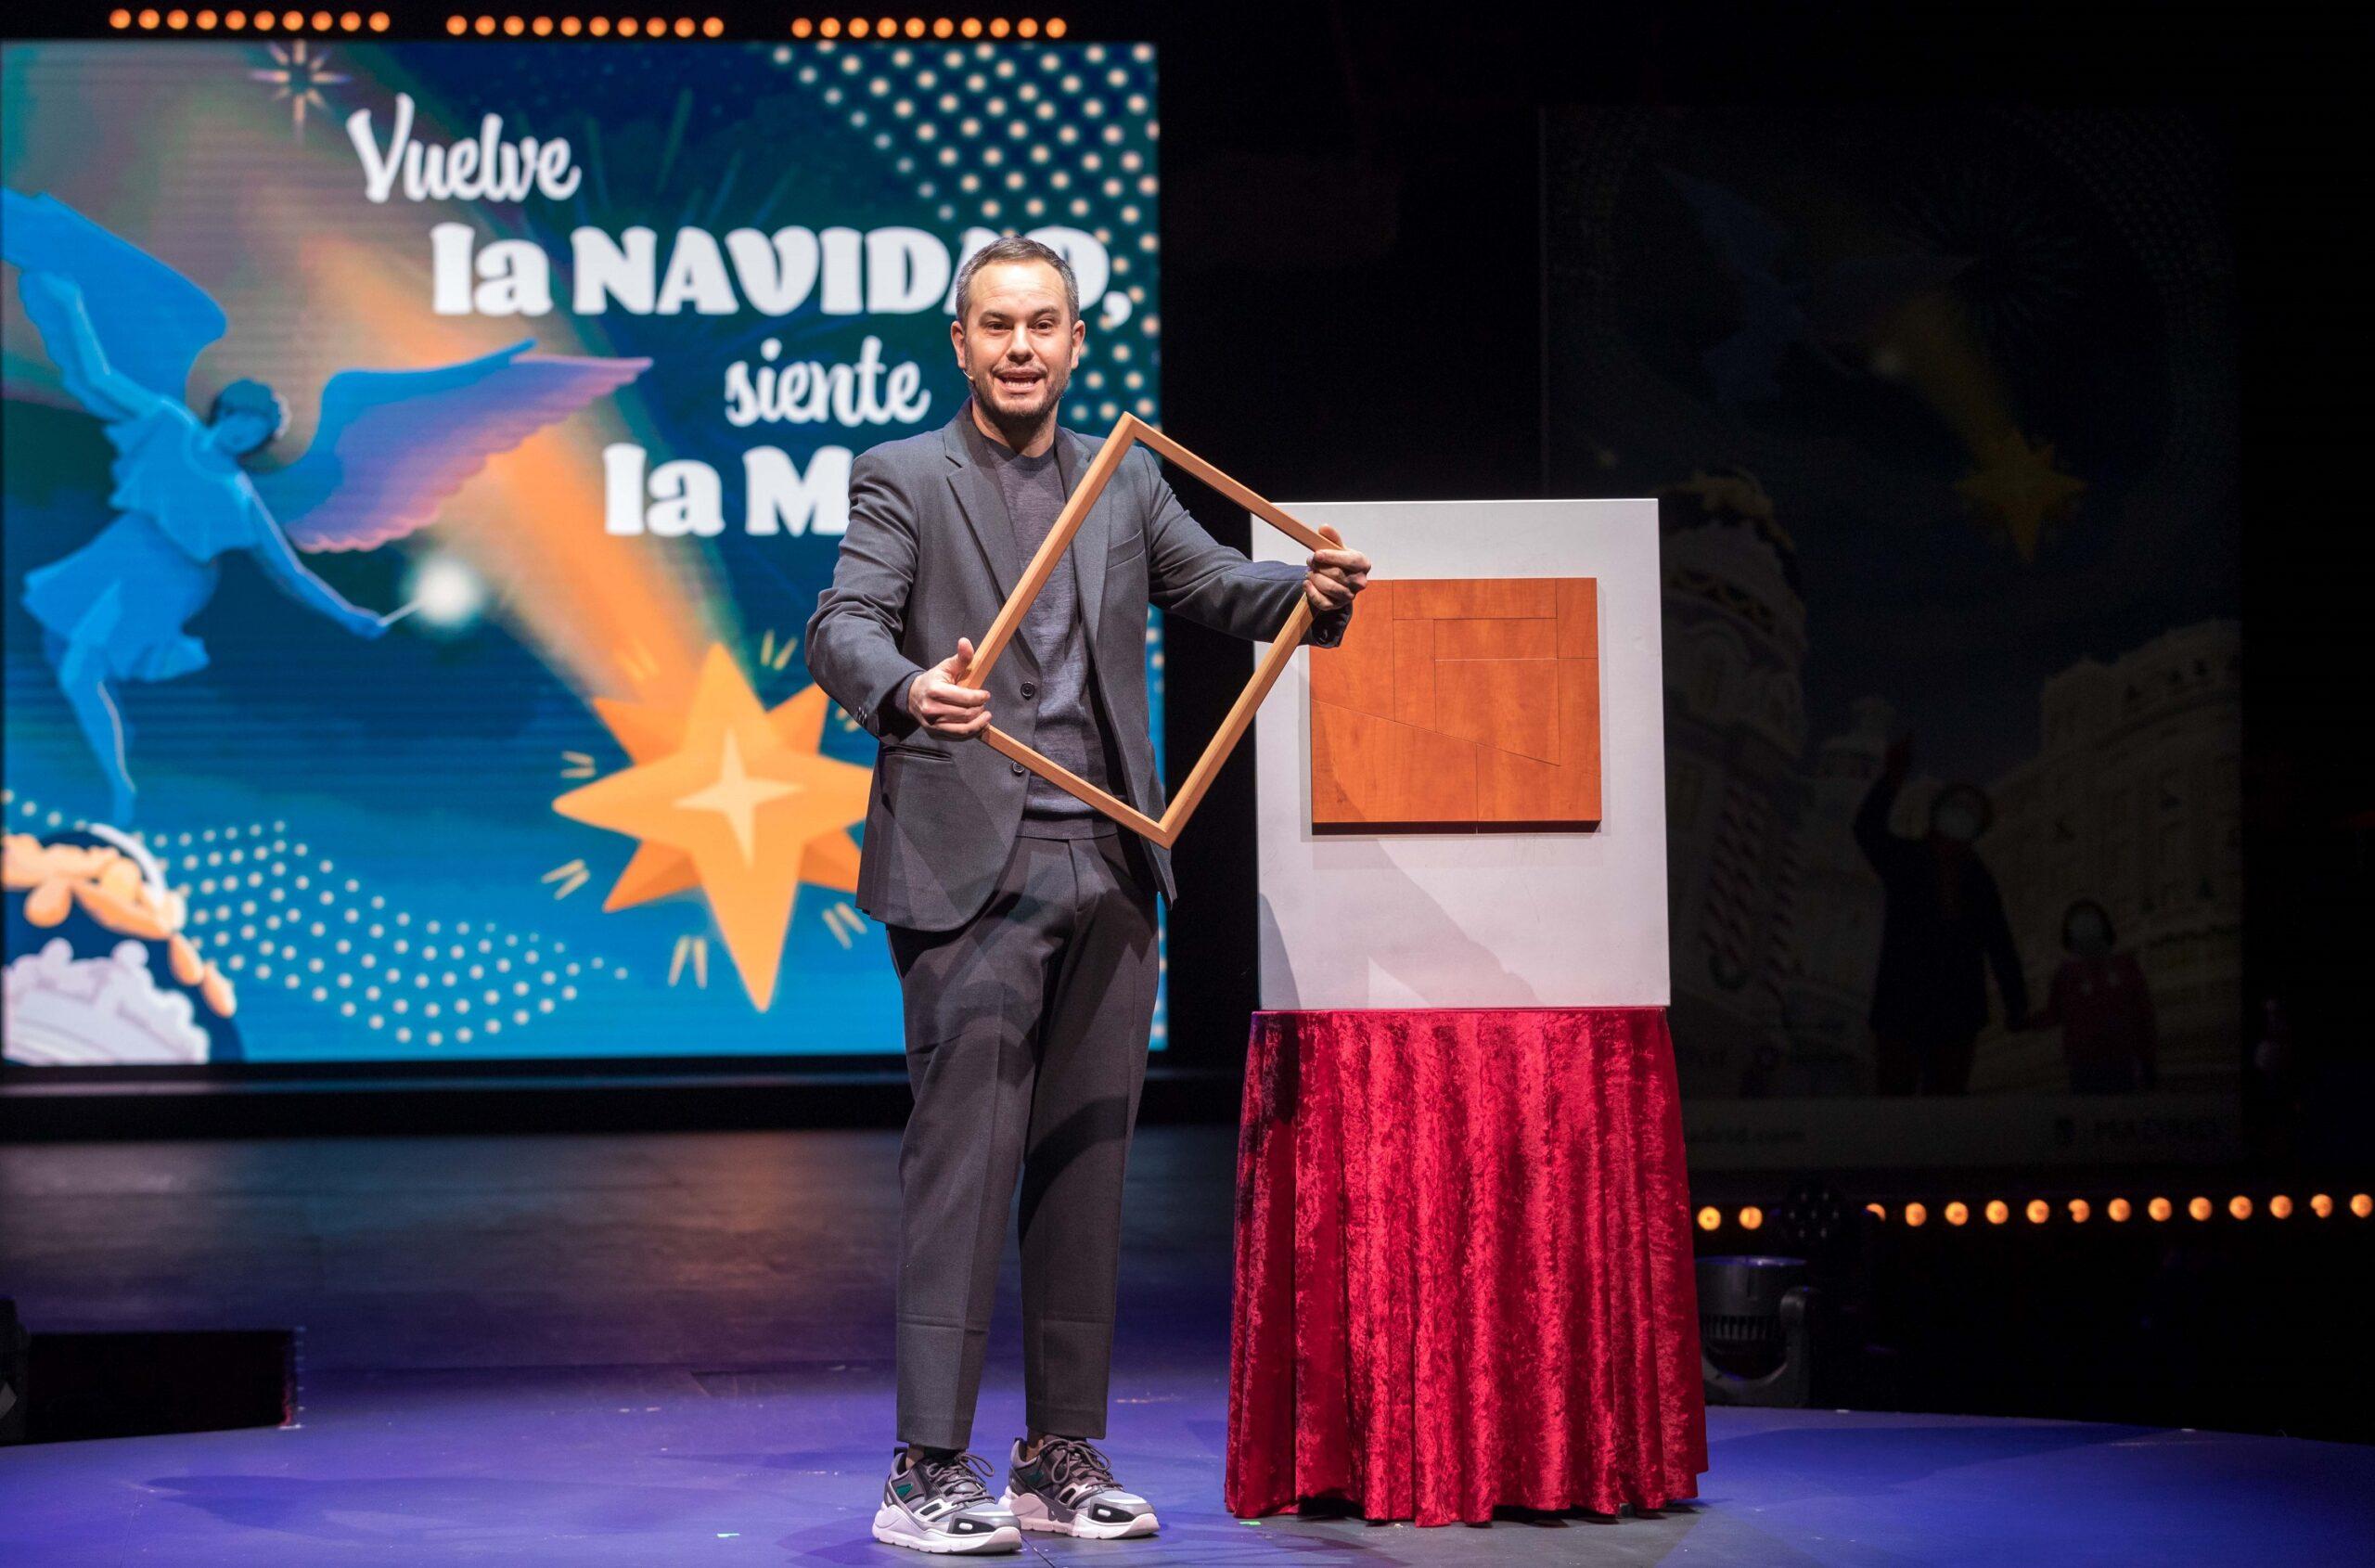 Jorge Blass. Presentación Navidad Ayuntamiento de Madrid 2020-21